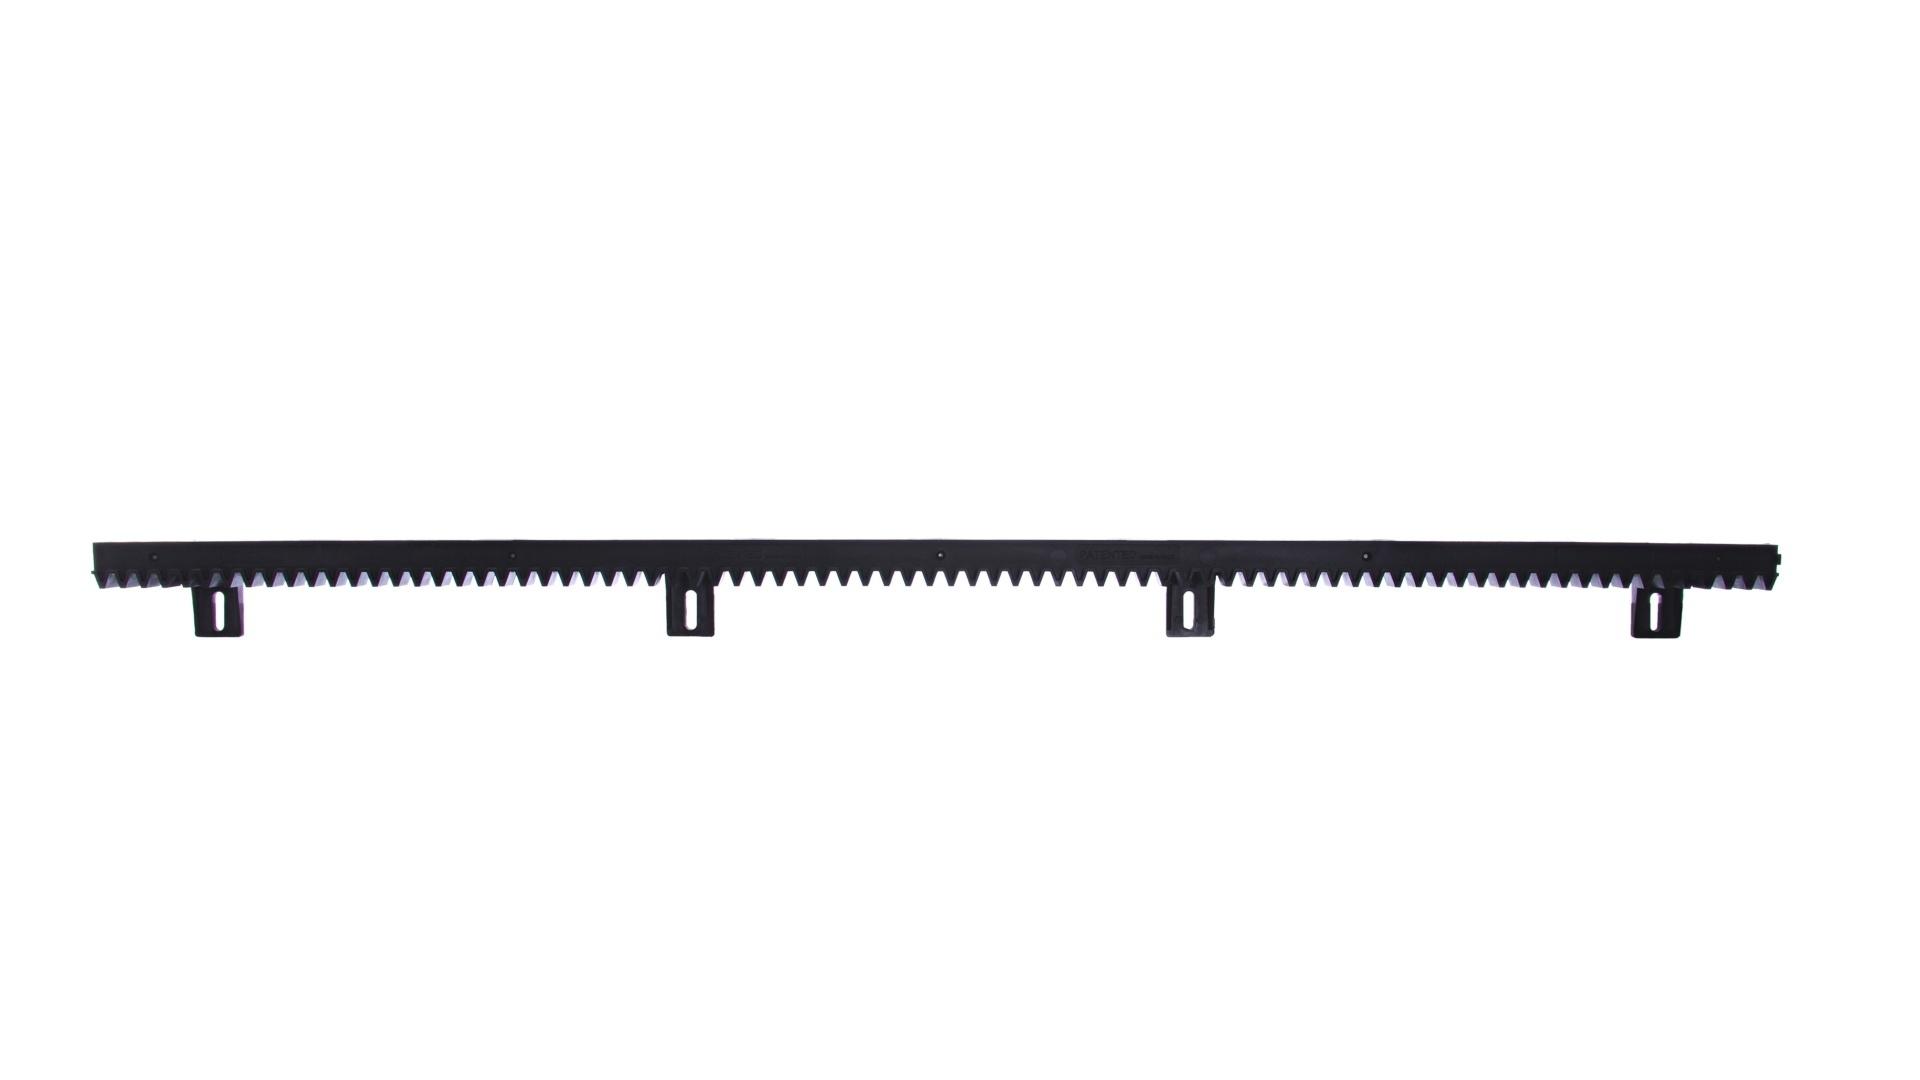 ROA6 - ozubený nylonový hřeben posuvné brány do 800 Kg